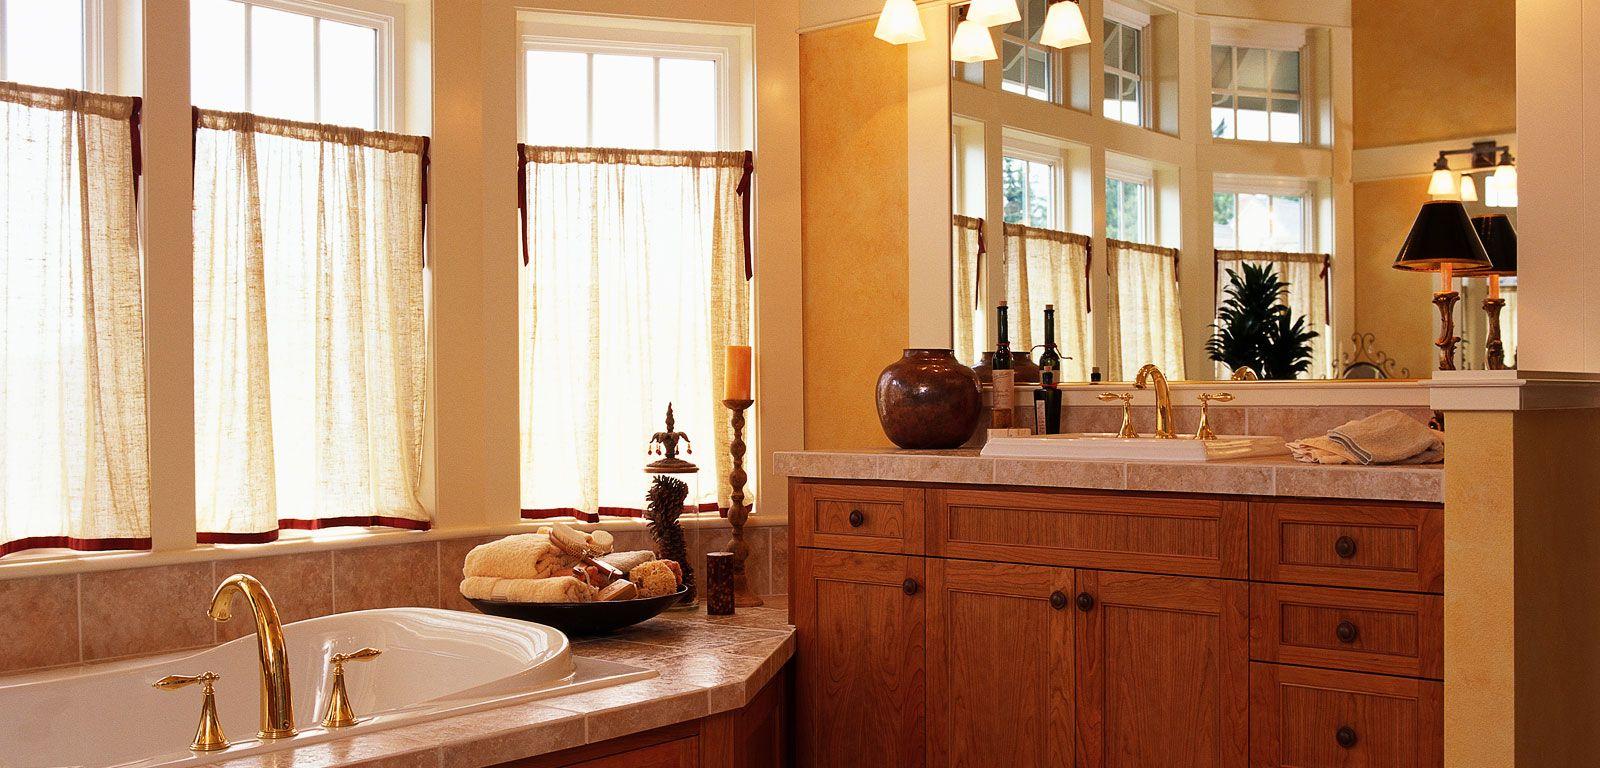 Luxury bathroom with bathtub